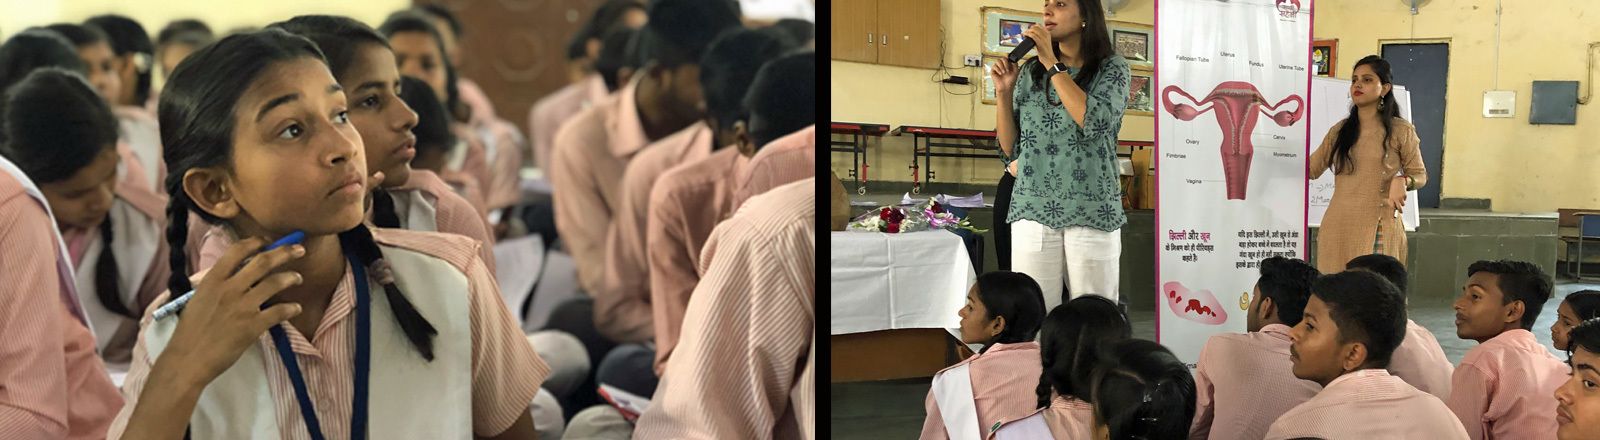 Mädchen und Jungen in Indien sitzen in der Aula einer Schule auf dem Boden. Sie besuchen einen Workshop, der über das Thema Menstruation aufklären will.